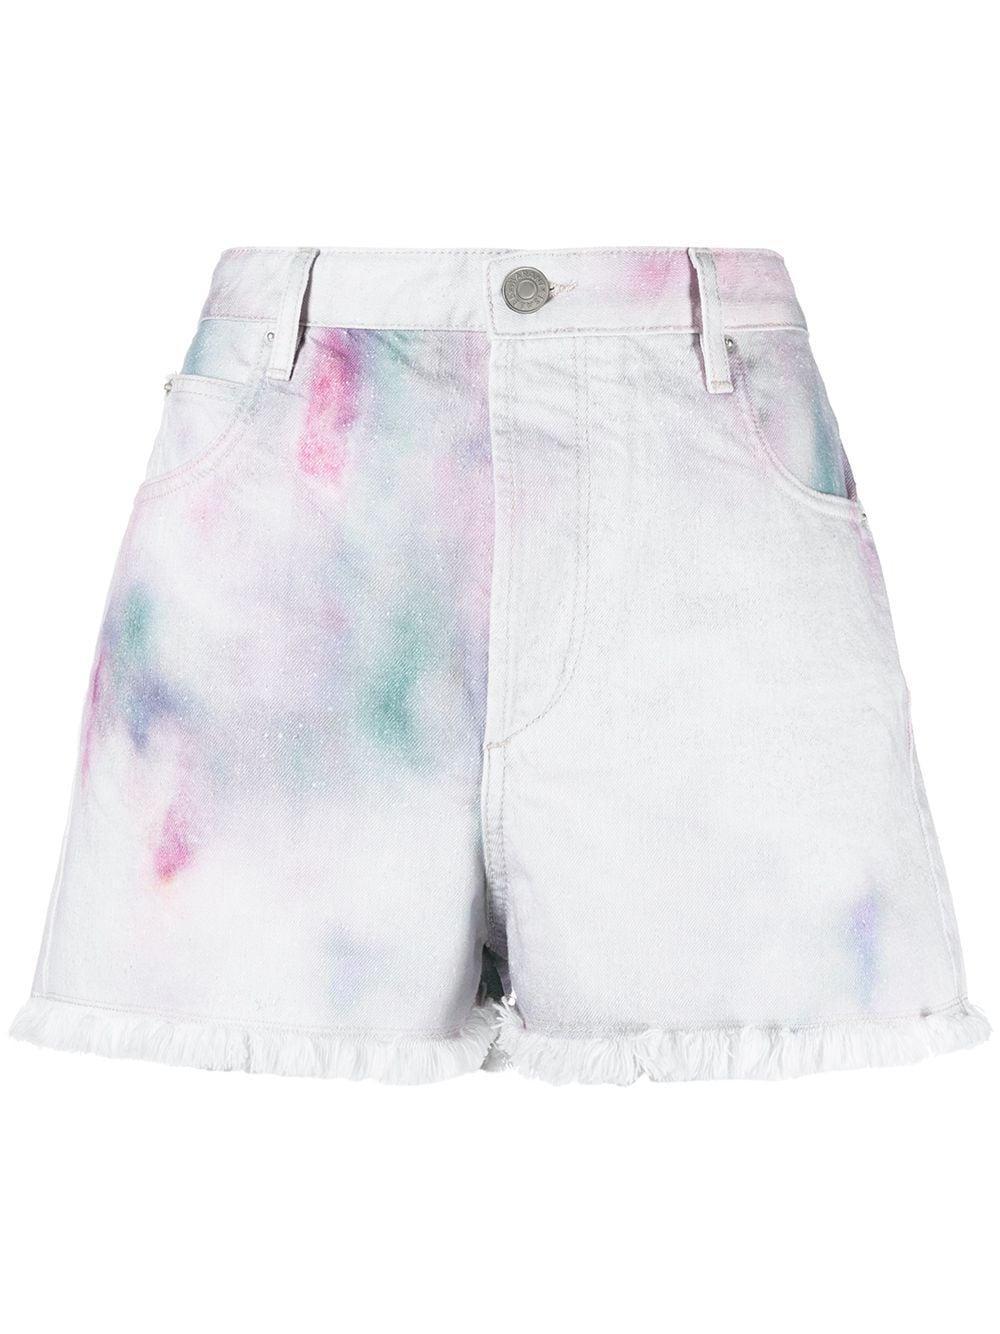 Lesiabb Denim Shorts